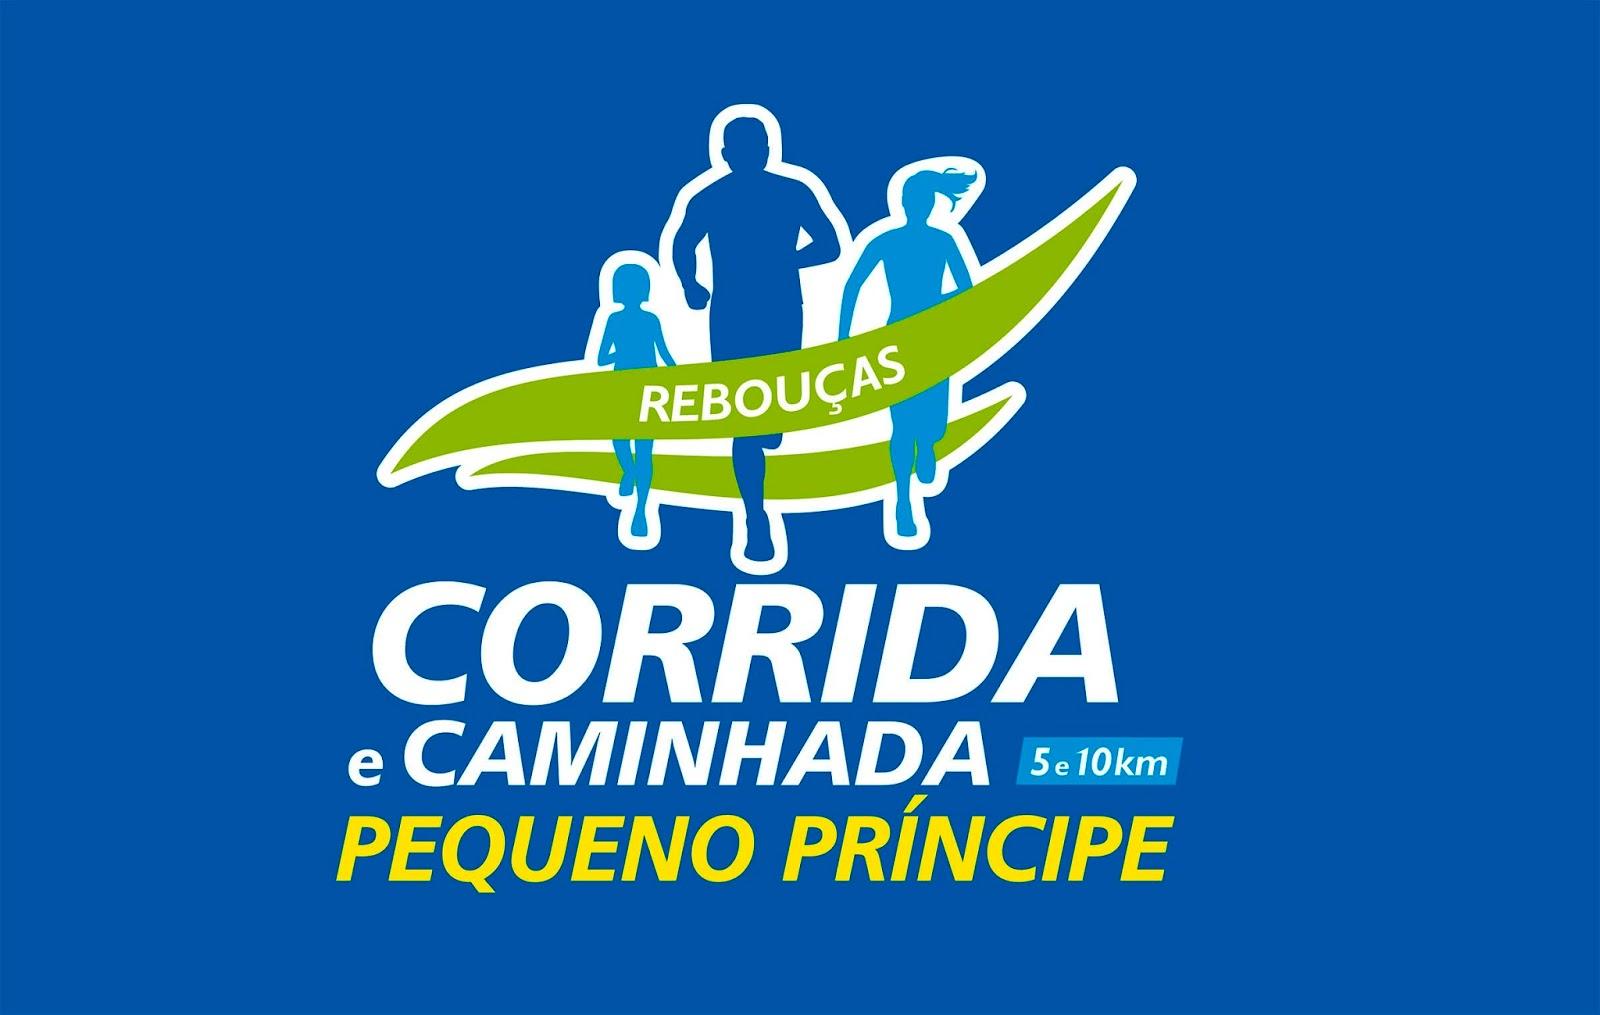 CORRIDA E CAMINHADA PEQUENO PRÍNCIPE ÚLTIMOS DIAS PARA A INSCRIÇÃO bc50b5a3b57fe